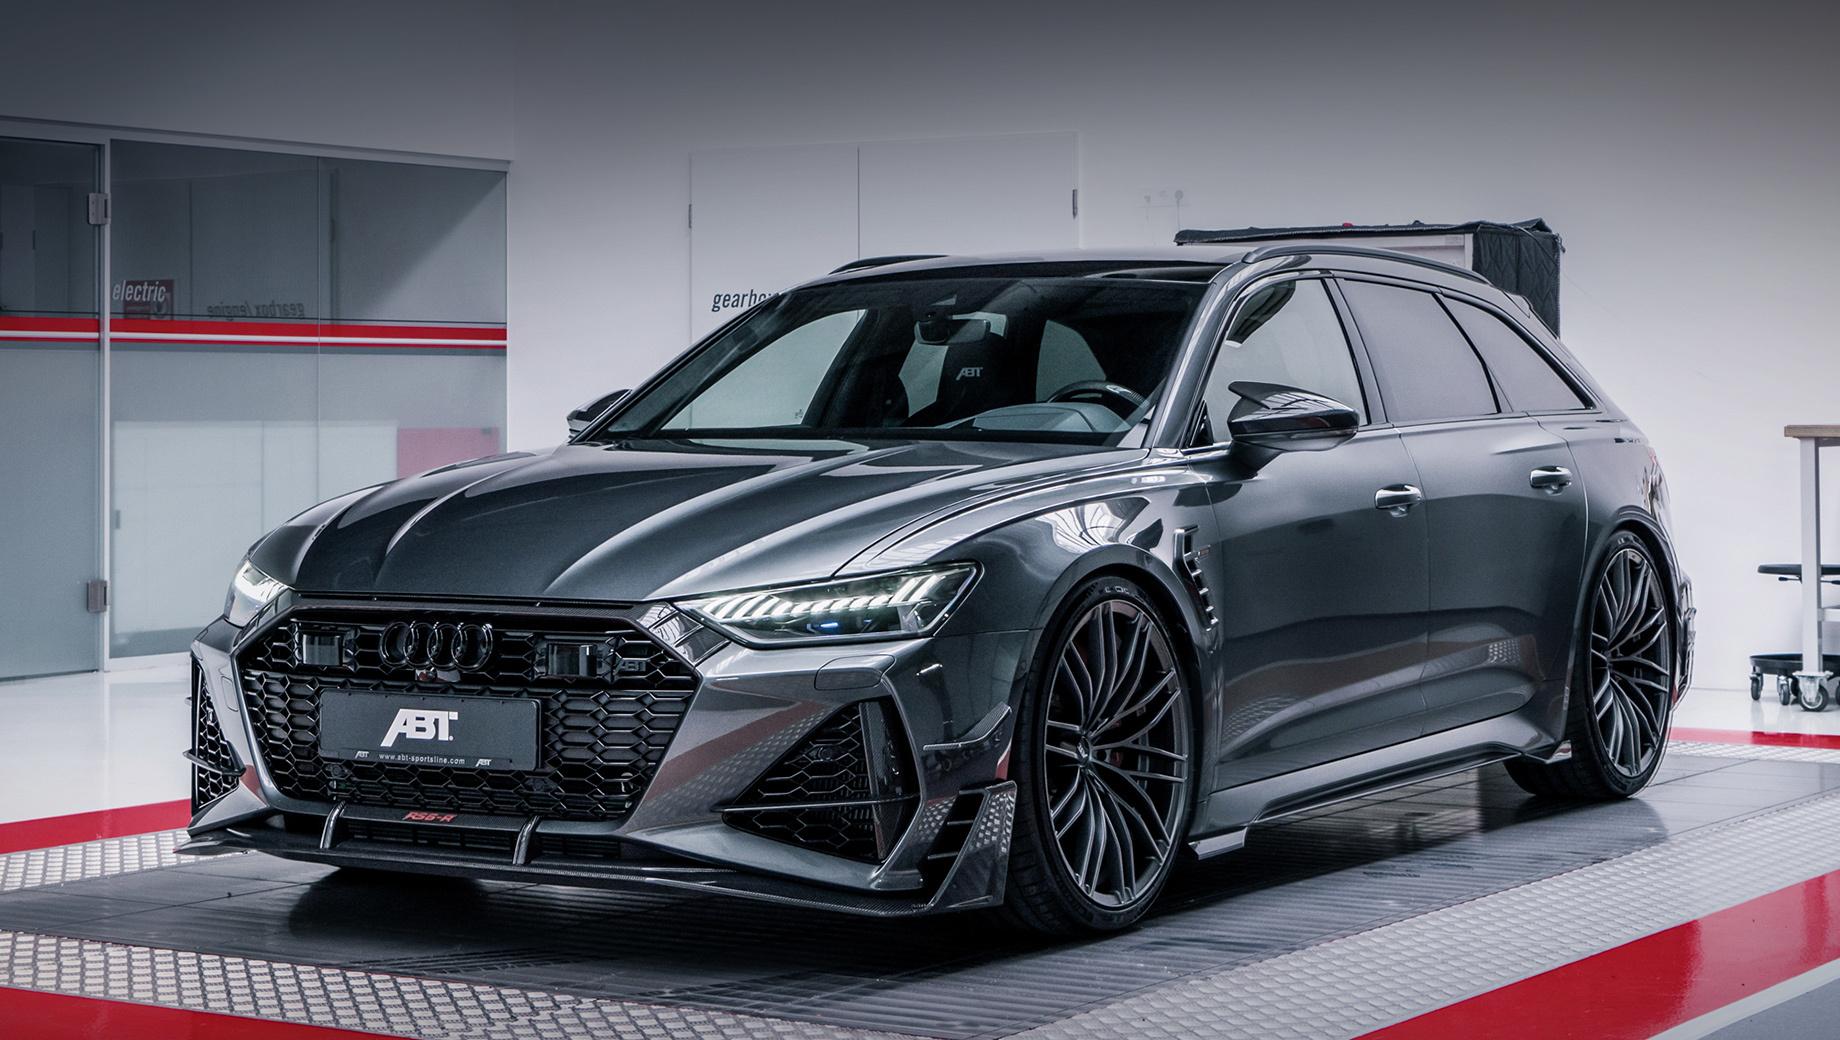 Audi rs6. Вызывающе агрессивный внешний вид с новыми бамперами, спойлерами, канардами, порогами, корпусами боковых зеркал, накладками на передних крыльях… Вот-вот откроется водительская дверь — и из универсала выйдет человек в костюме летучей мыши. Всего сделают 125 таких машин.